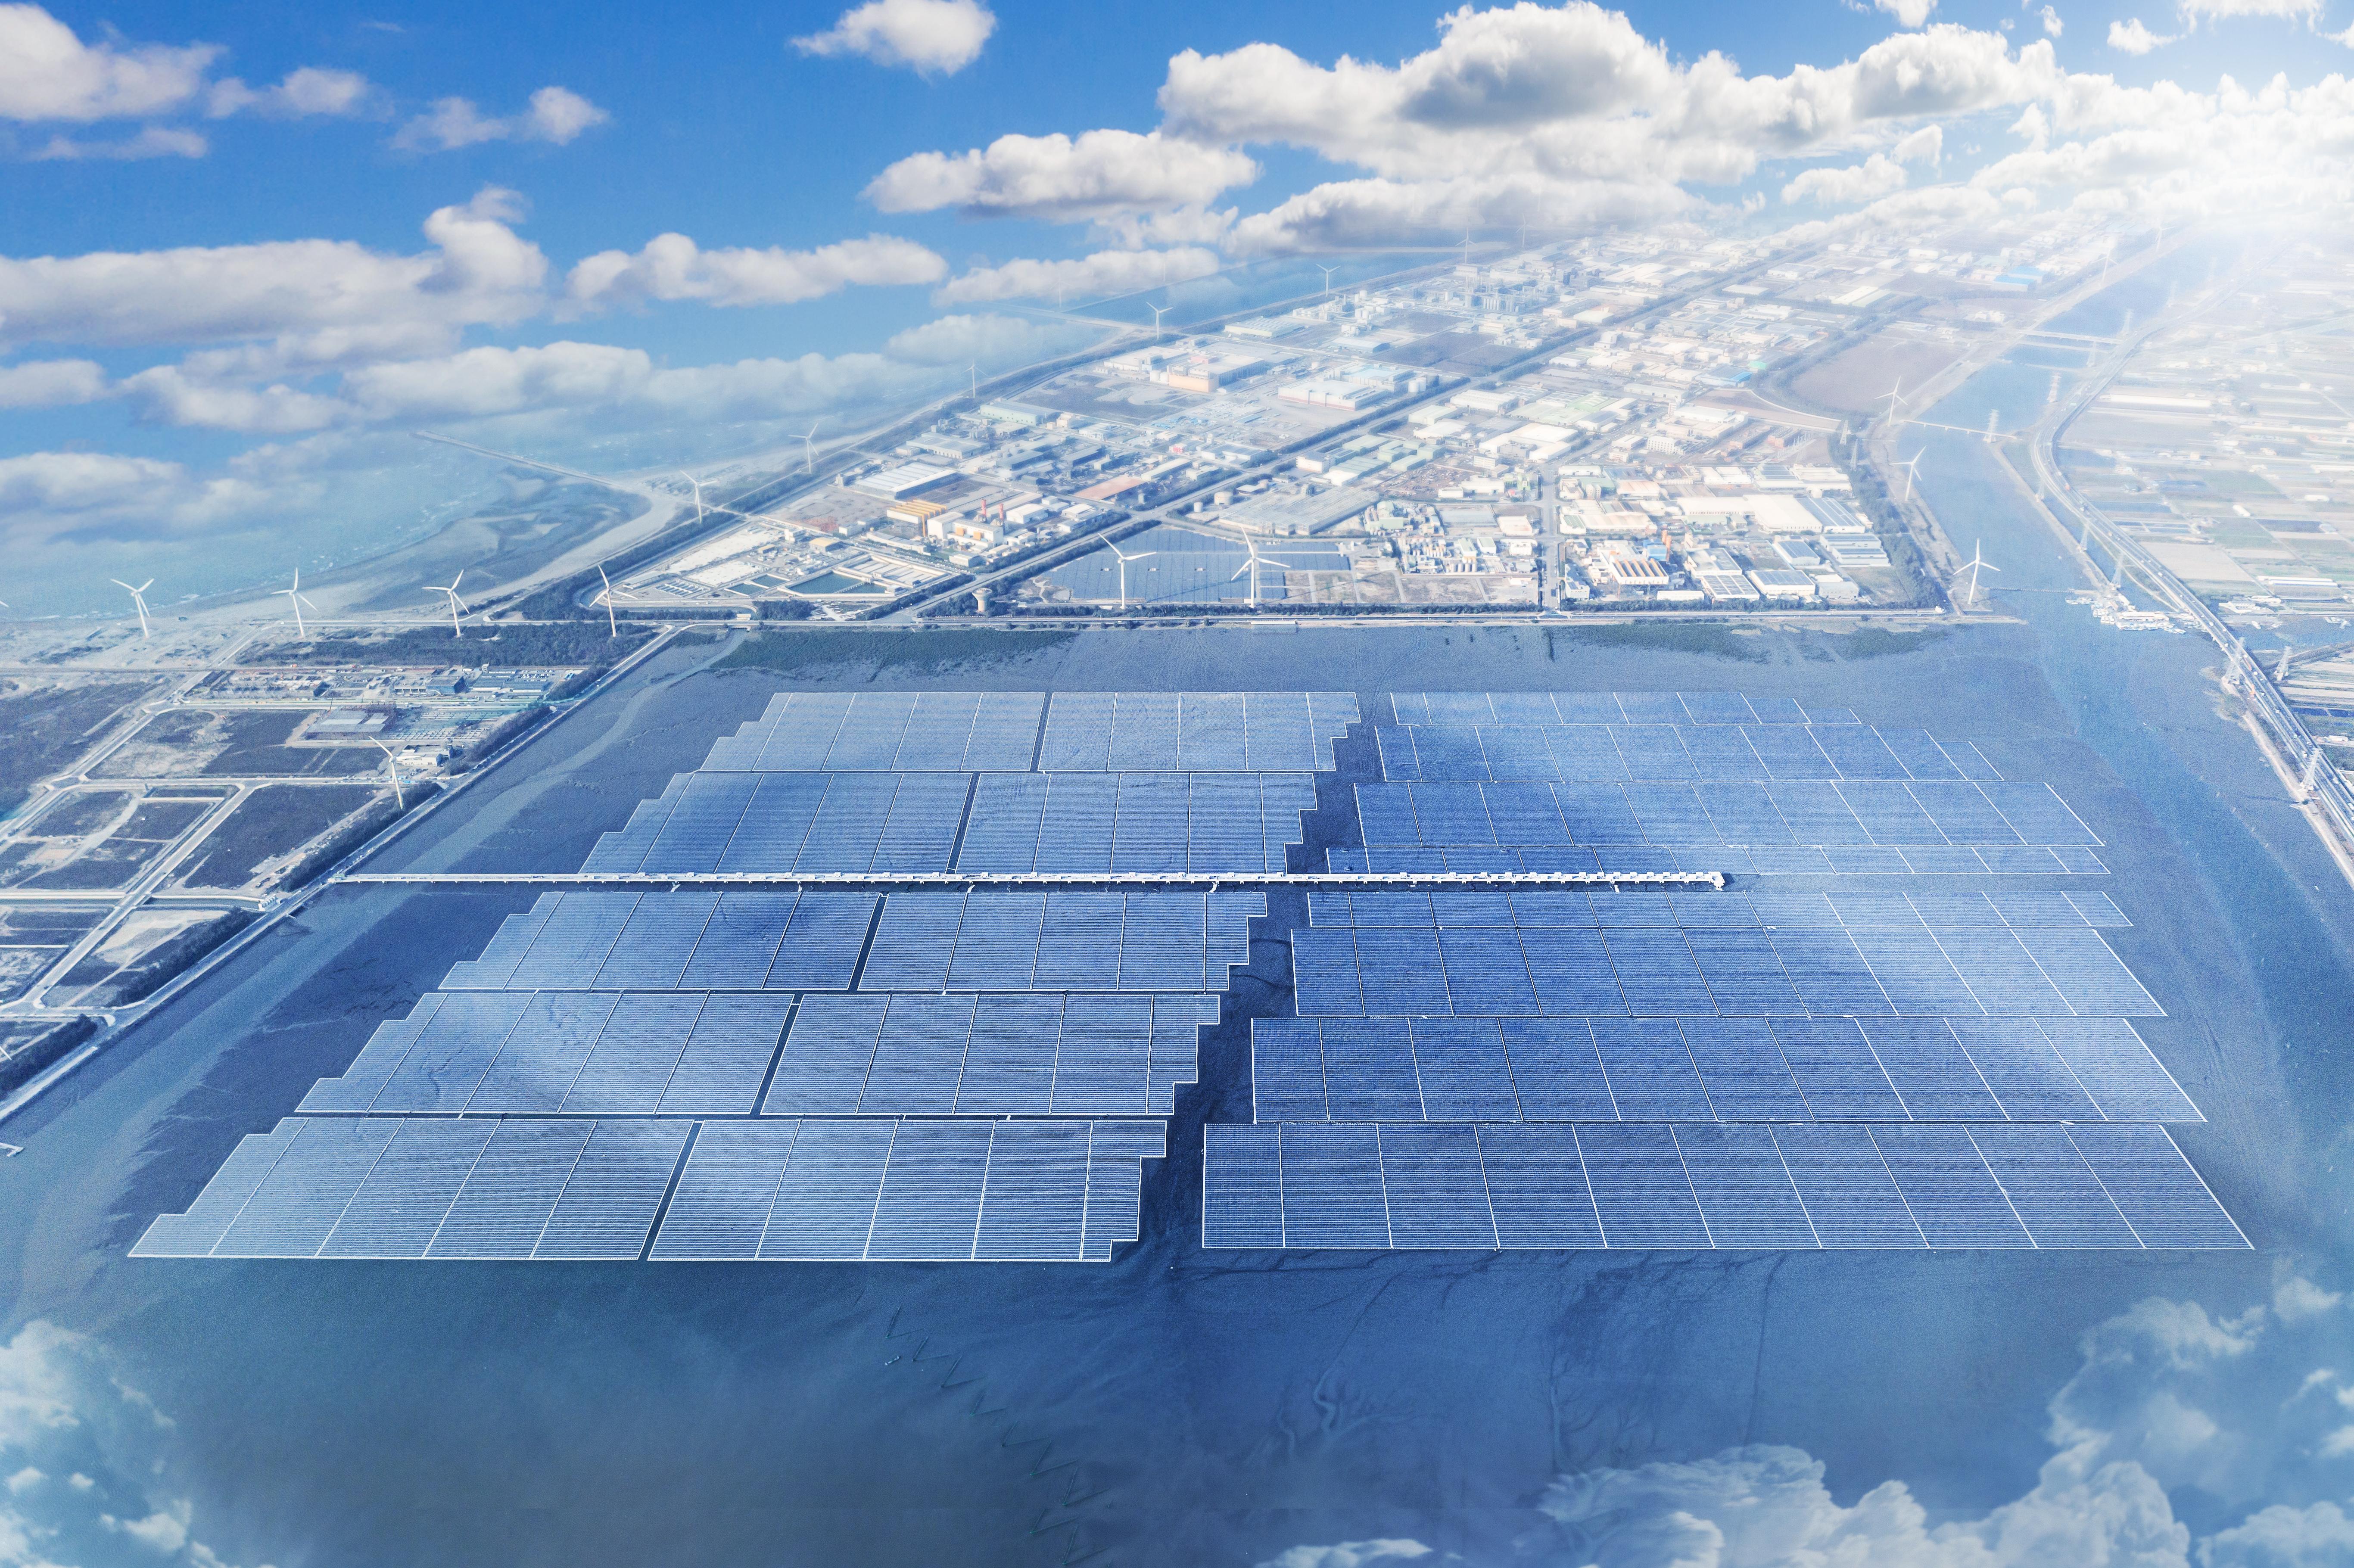 台灣全球最大海上太陽能案廠已併網,首年預估貢獻 2.5 億度電